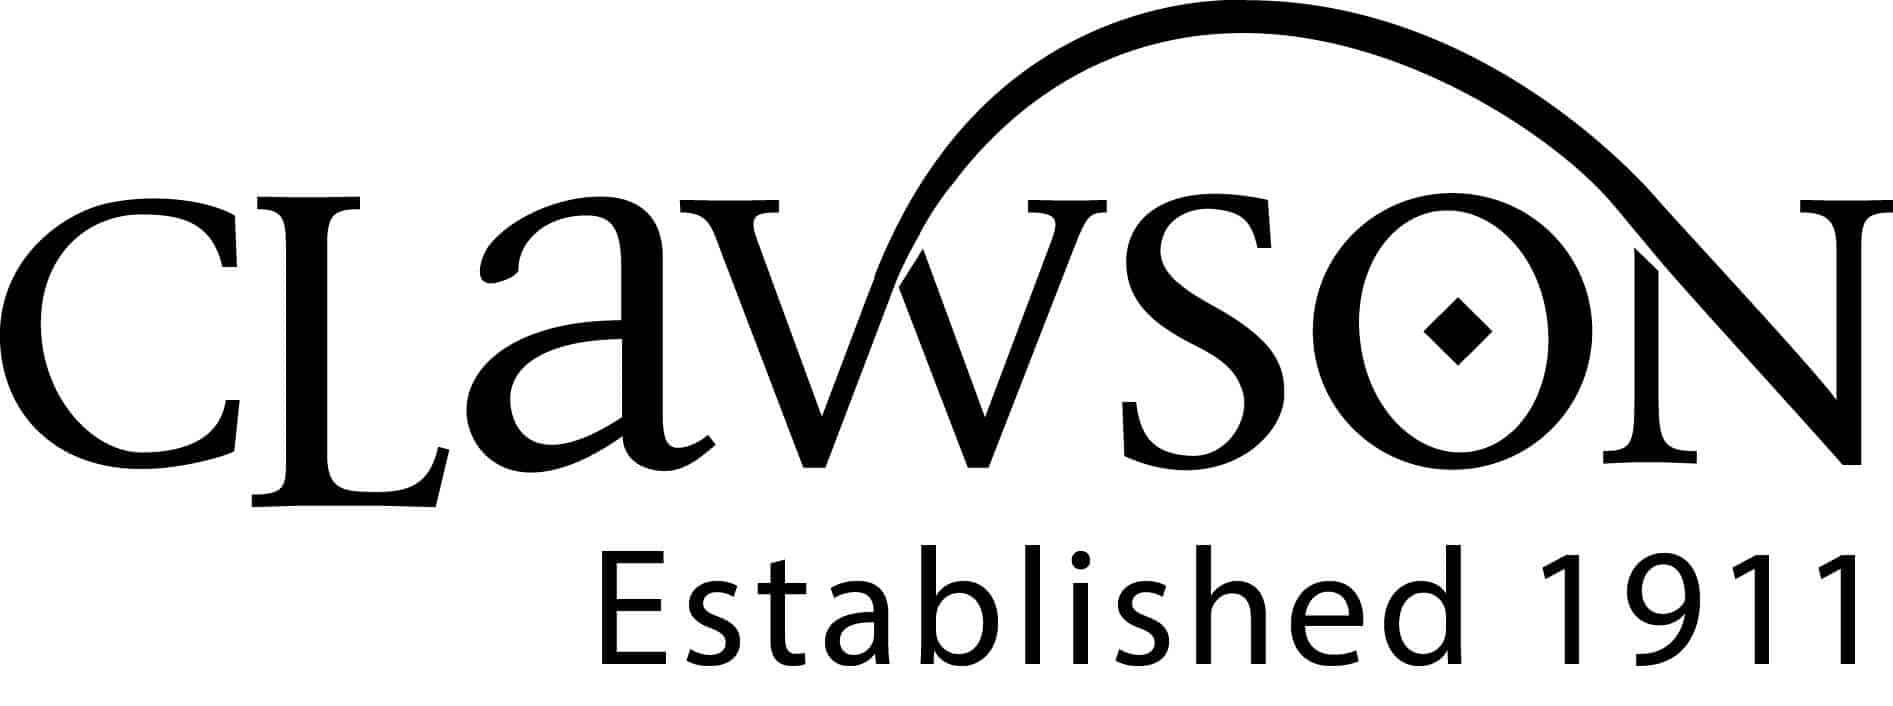 Long-clawson-logo